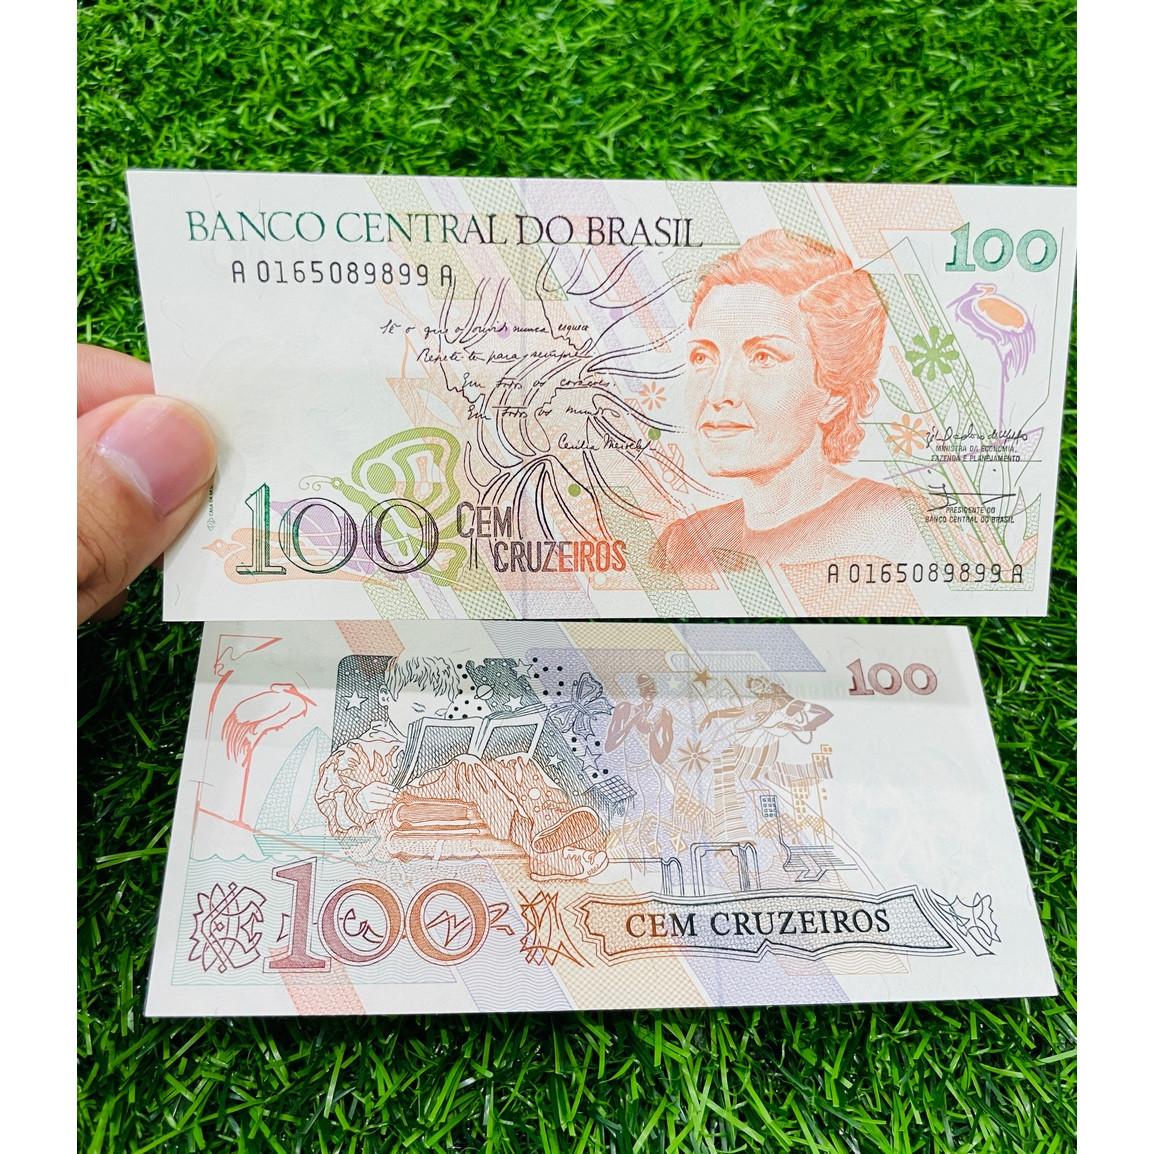 Tiền Brazil 100 Cruzeiros xưa, hình người phụ nữ và em bé học bài, mới 100% UNC, tặng túi nilon bảo quản The Merrick Mint